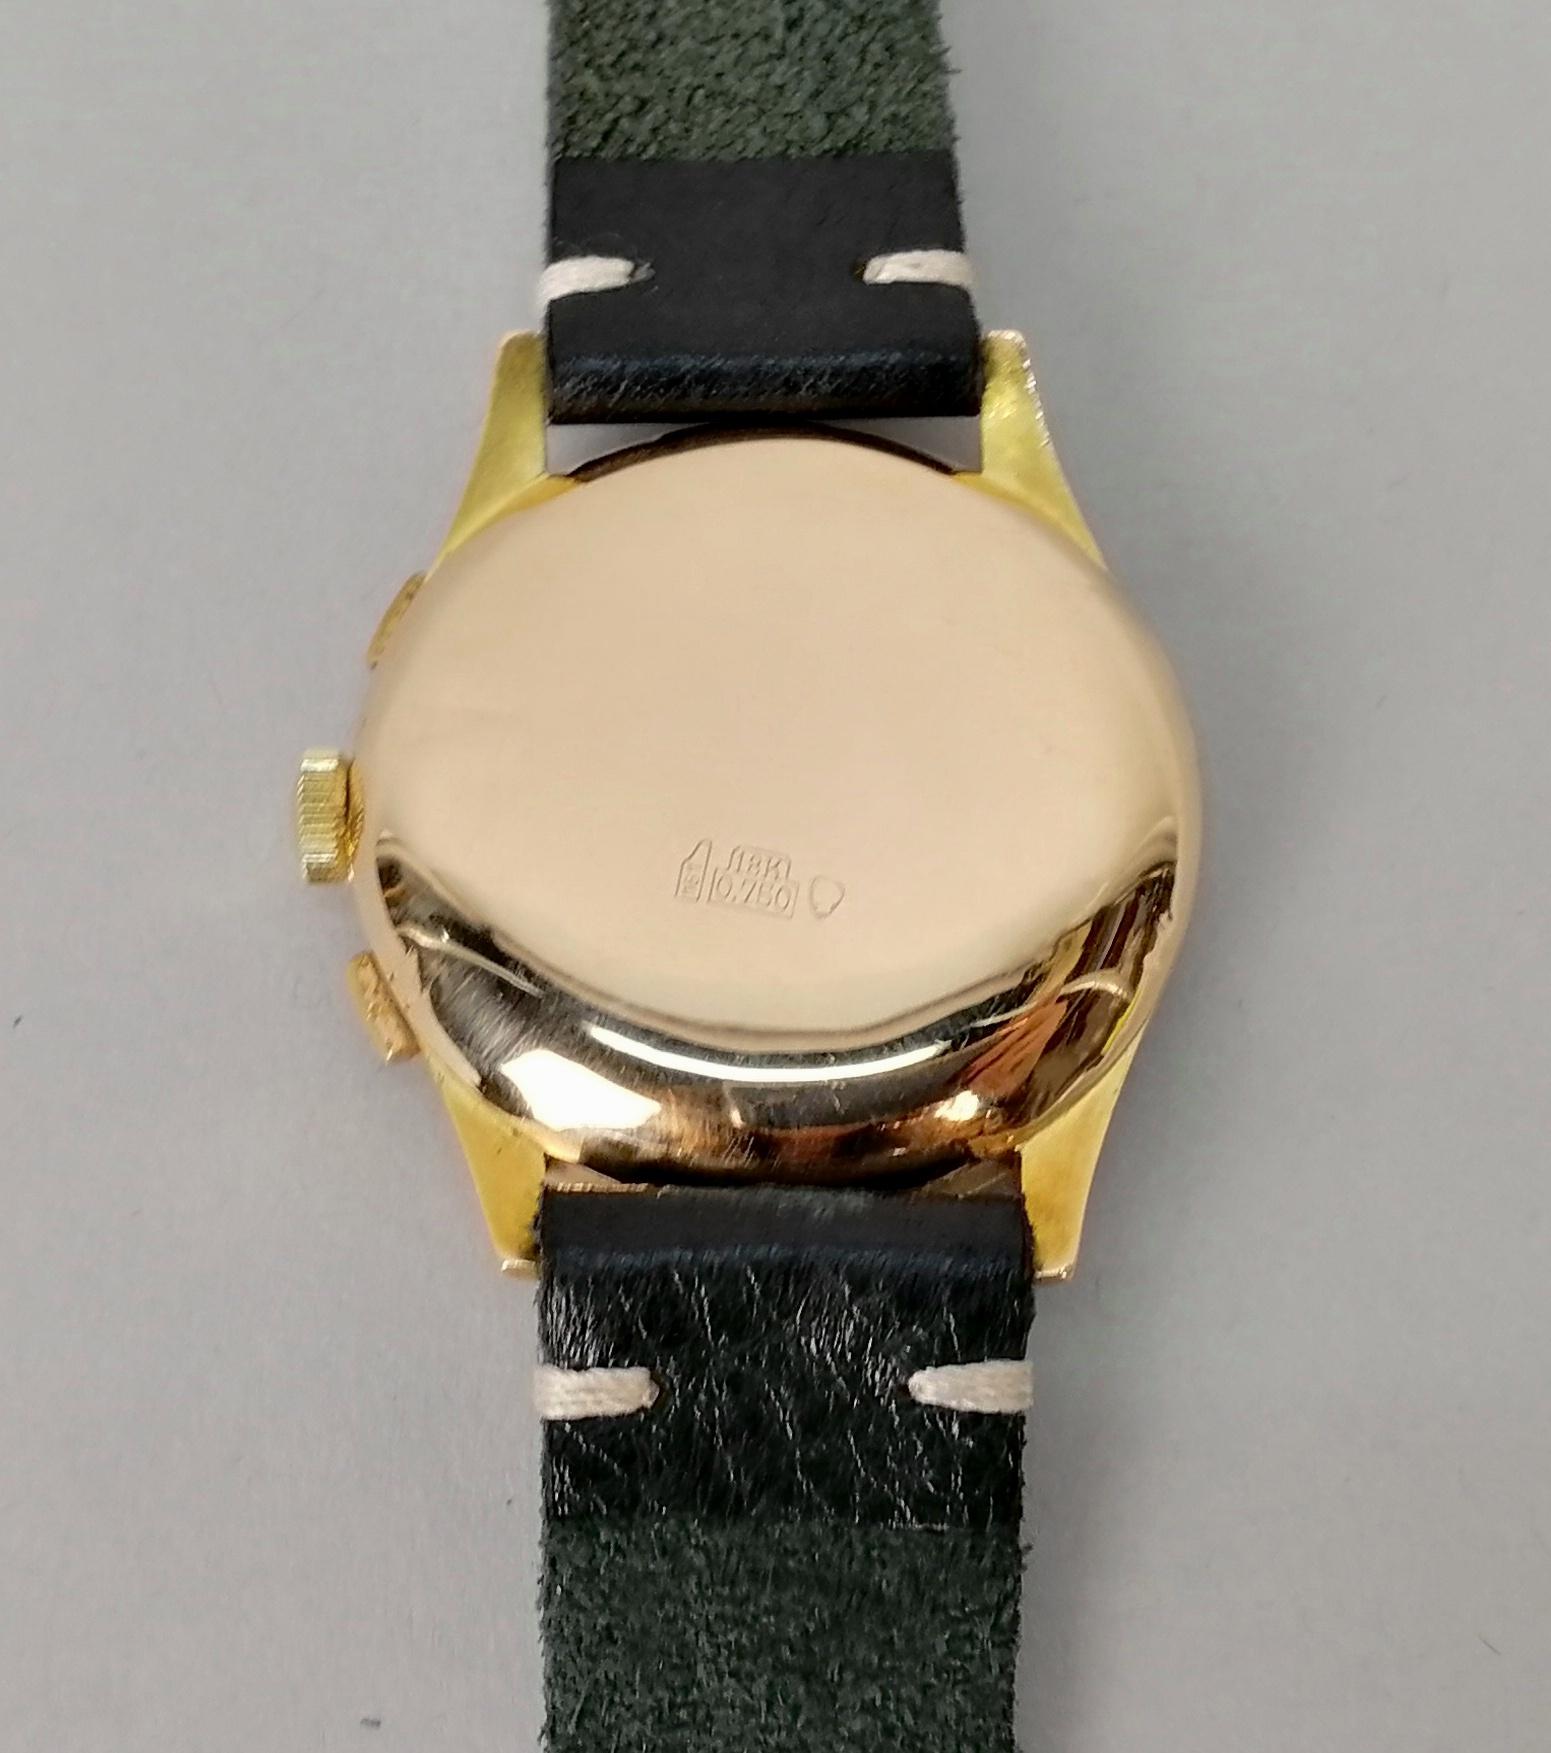 Lot 25 - HEVER. Orologio da uomo in oro giallo 18 kt., movimento cronografico Landeron 48. Quadrante